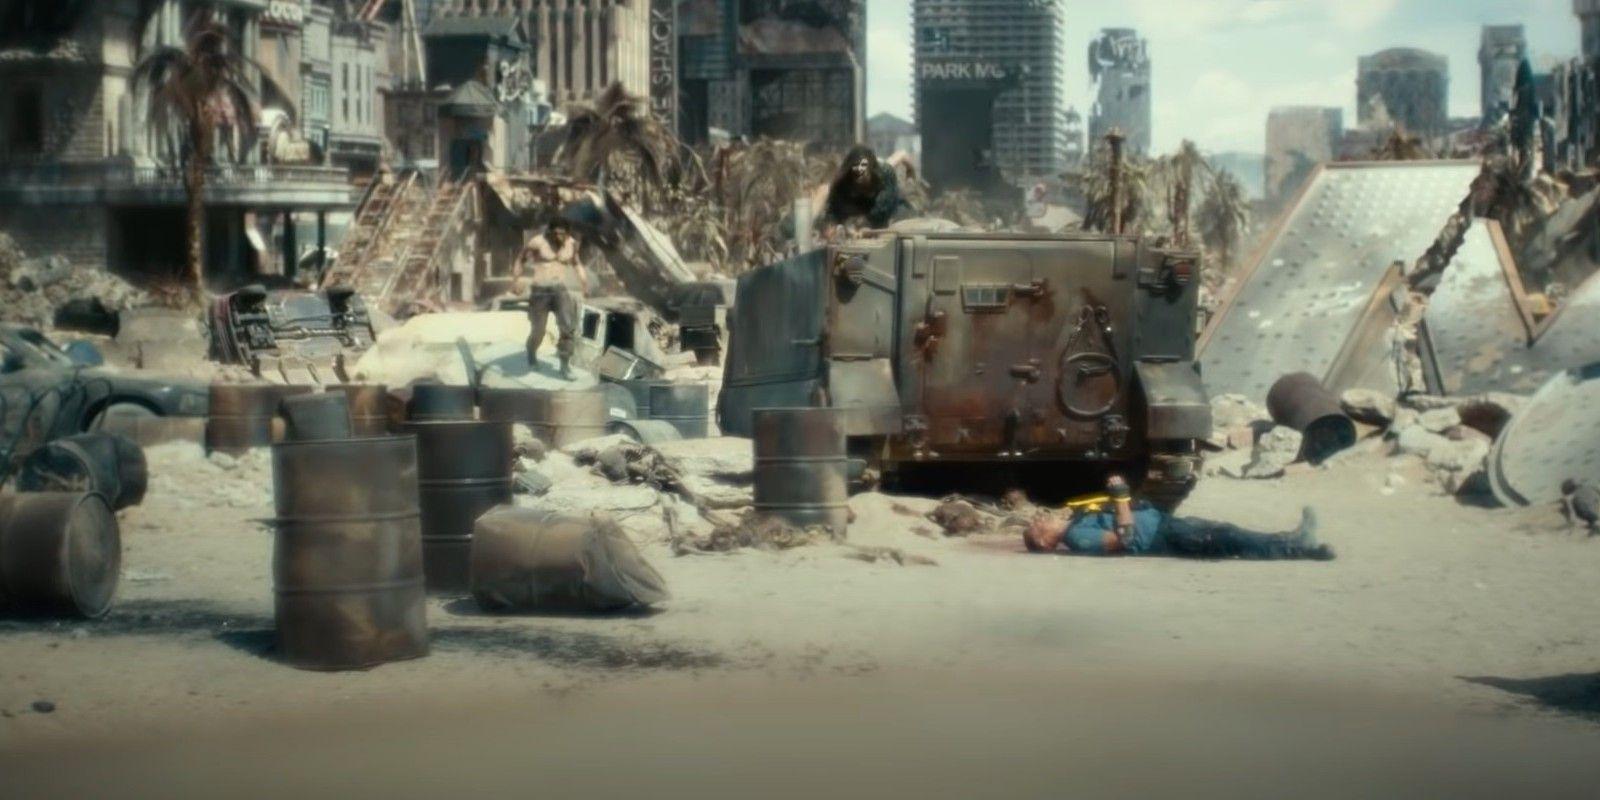 Análise do trailer Army of the Dead: Invasão em Las Vegas: 31 revelações e segredos da história 17